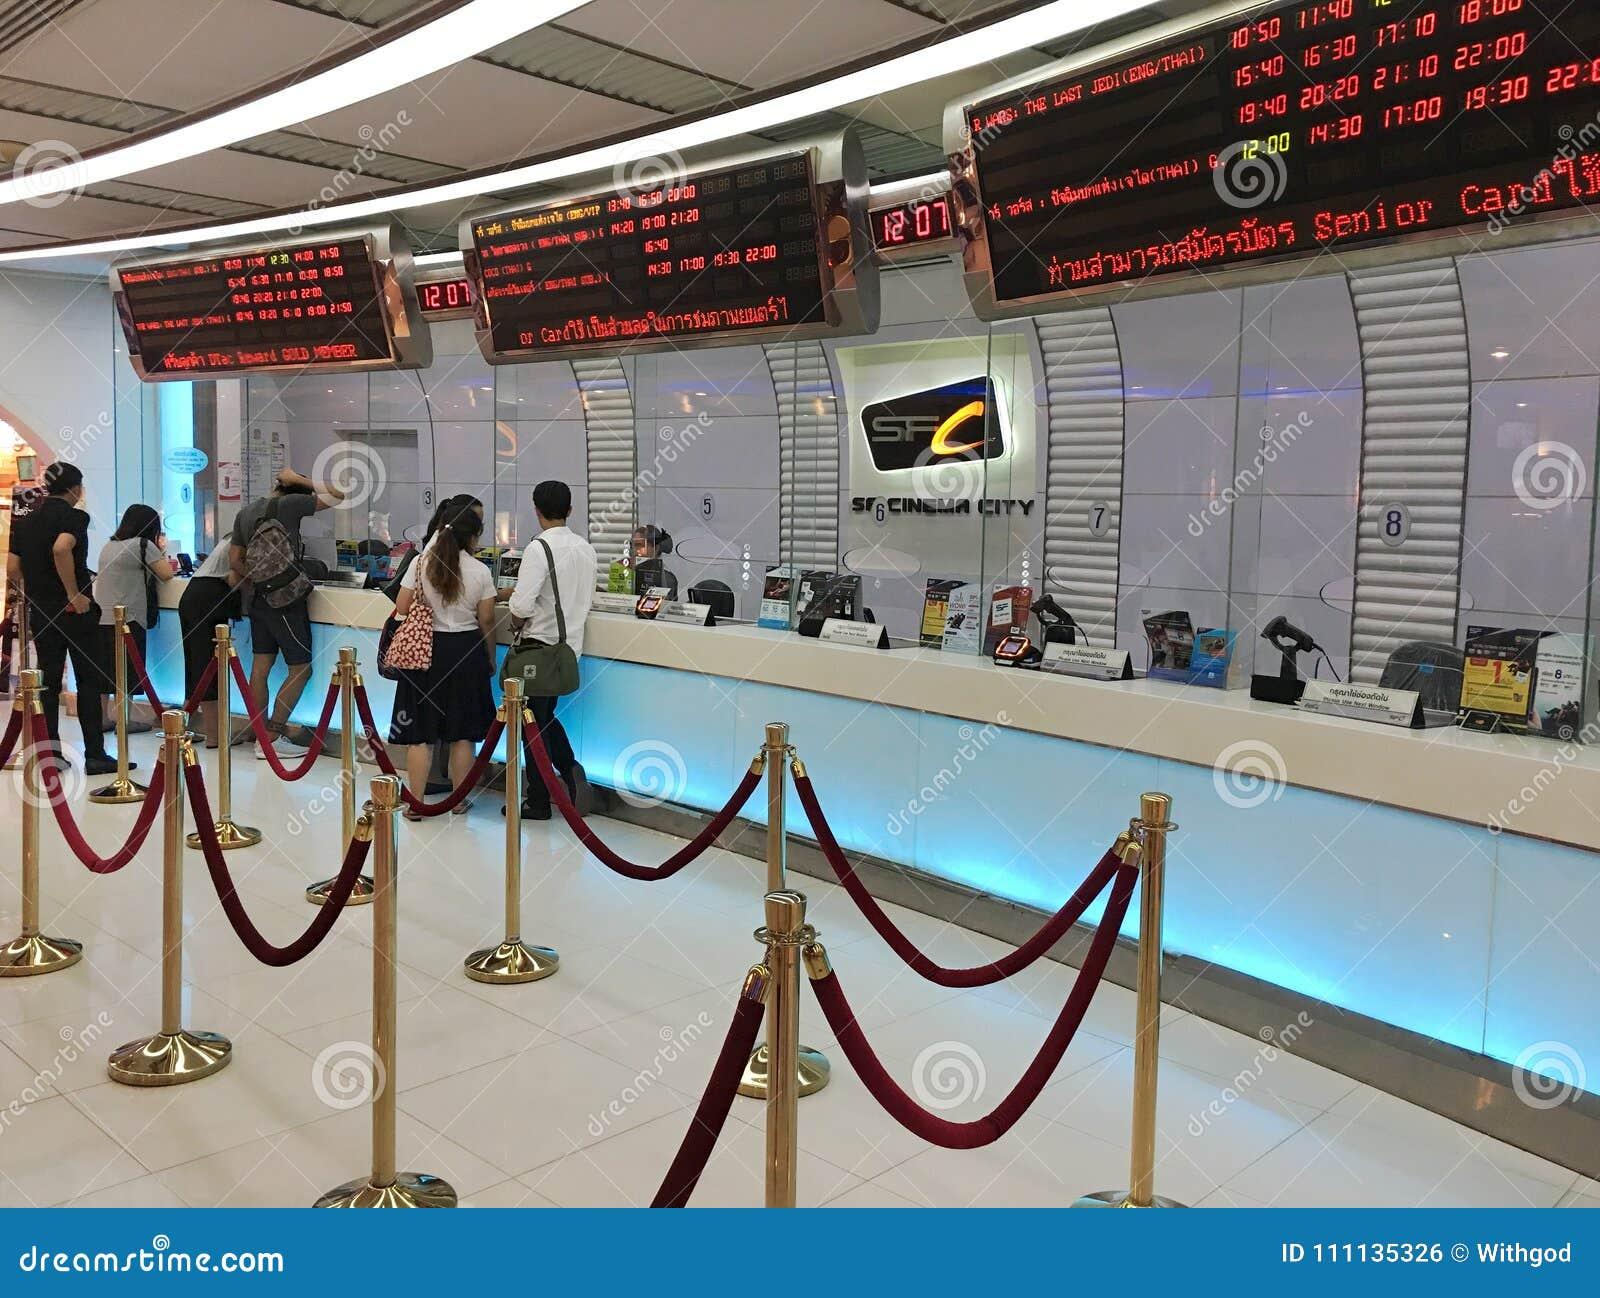 Billets d achat de personnes à la ville MBK de cinéma de SF dans le mail de MBK, Bangkok